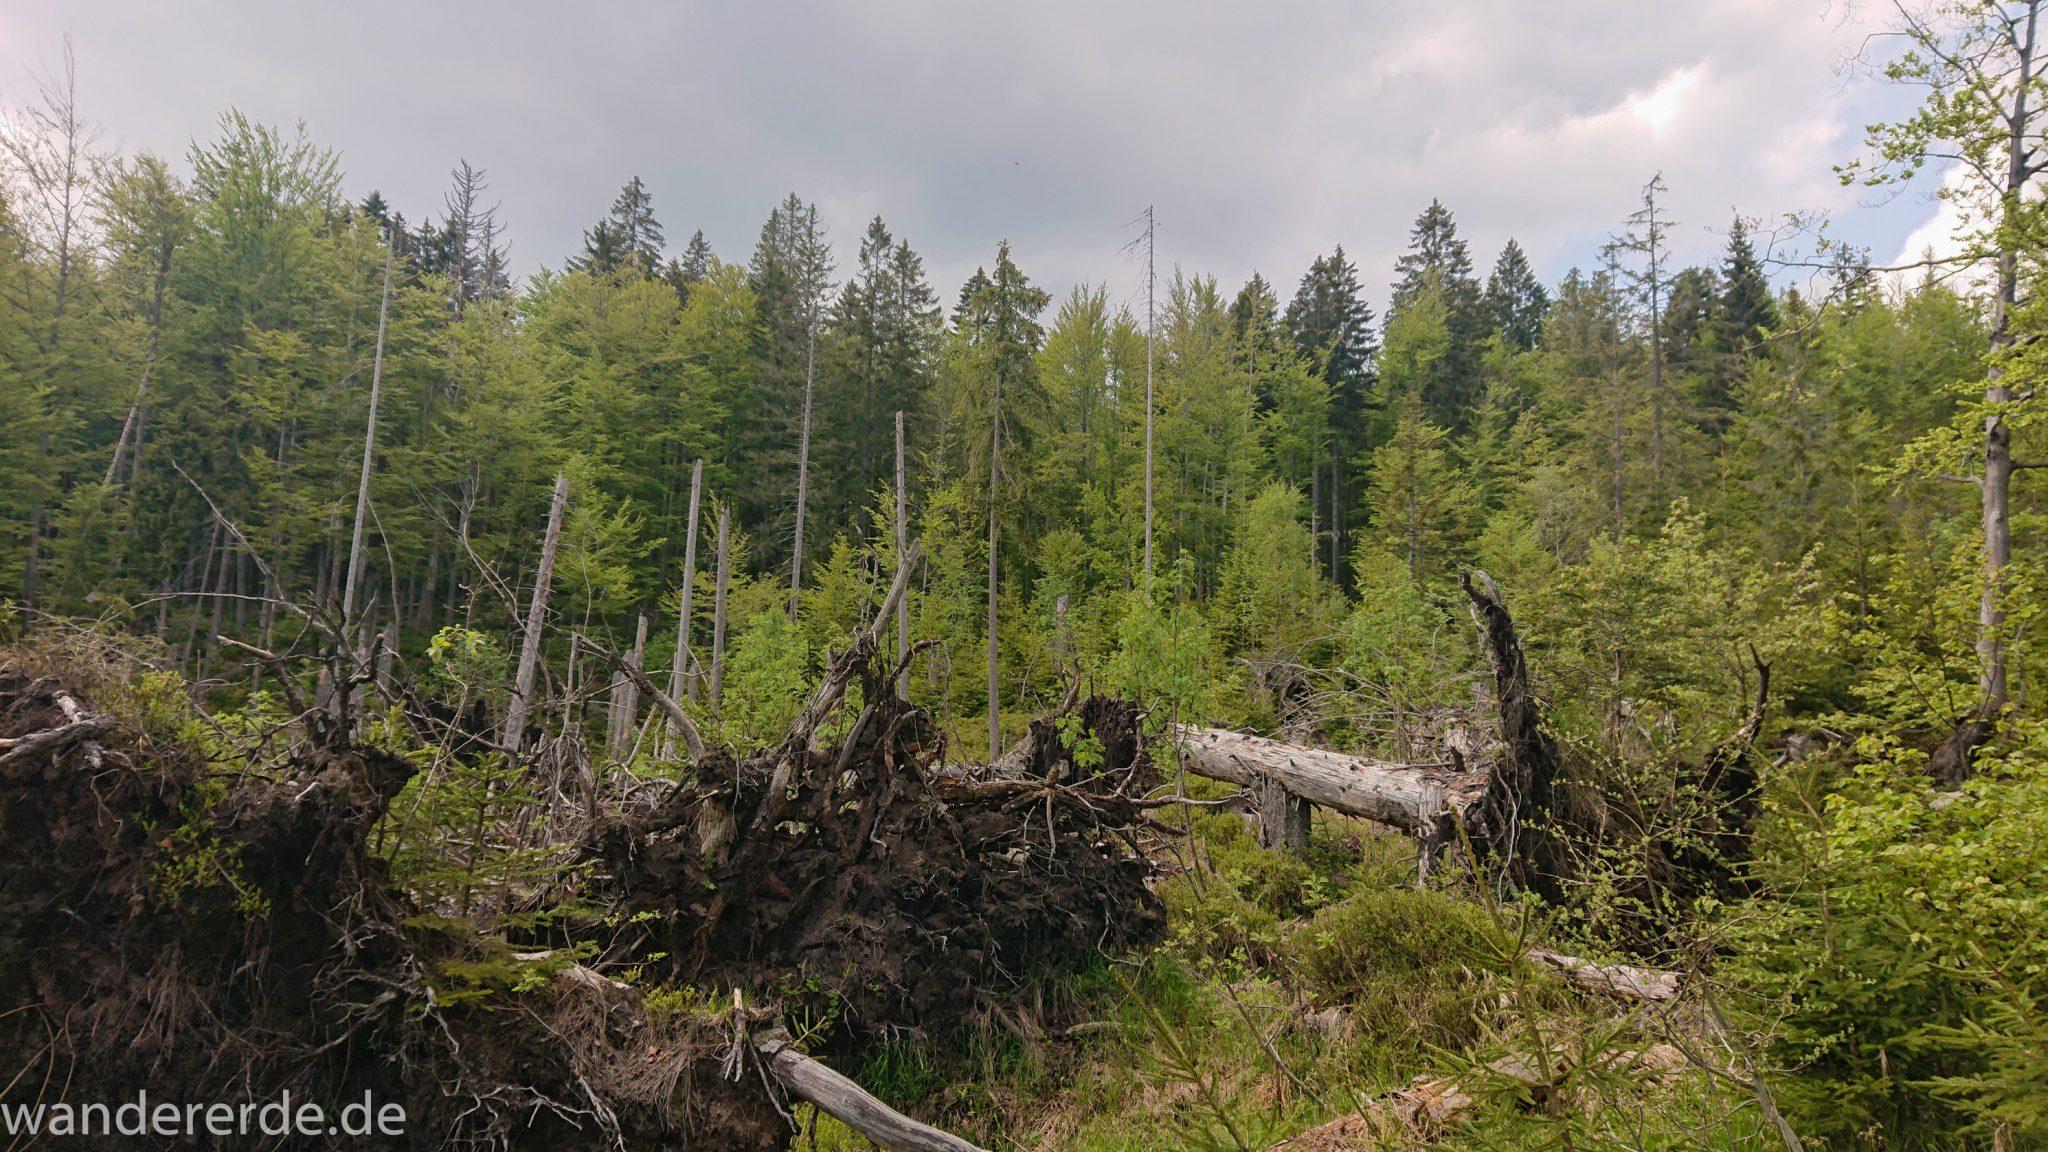 Wanderung Großer Rachel im Nationalpark Bayerischer Wald, Start Parkplatz Oberfrauenau, abwechslungsreicher Wanderweg, Zerstörung einiger Waldgebiete durch den Borkenkäfer, umgefallene Bäume werden liegen gelassen im Nationalpark, Natur wird sich selbst überlassen, schöner dichter Wald in verschiedensten Grüntönen, Mischwald aus Laub- und Nadelbäumen